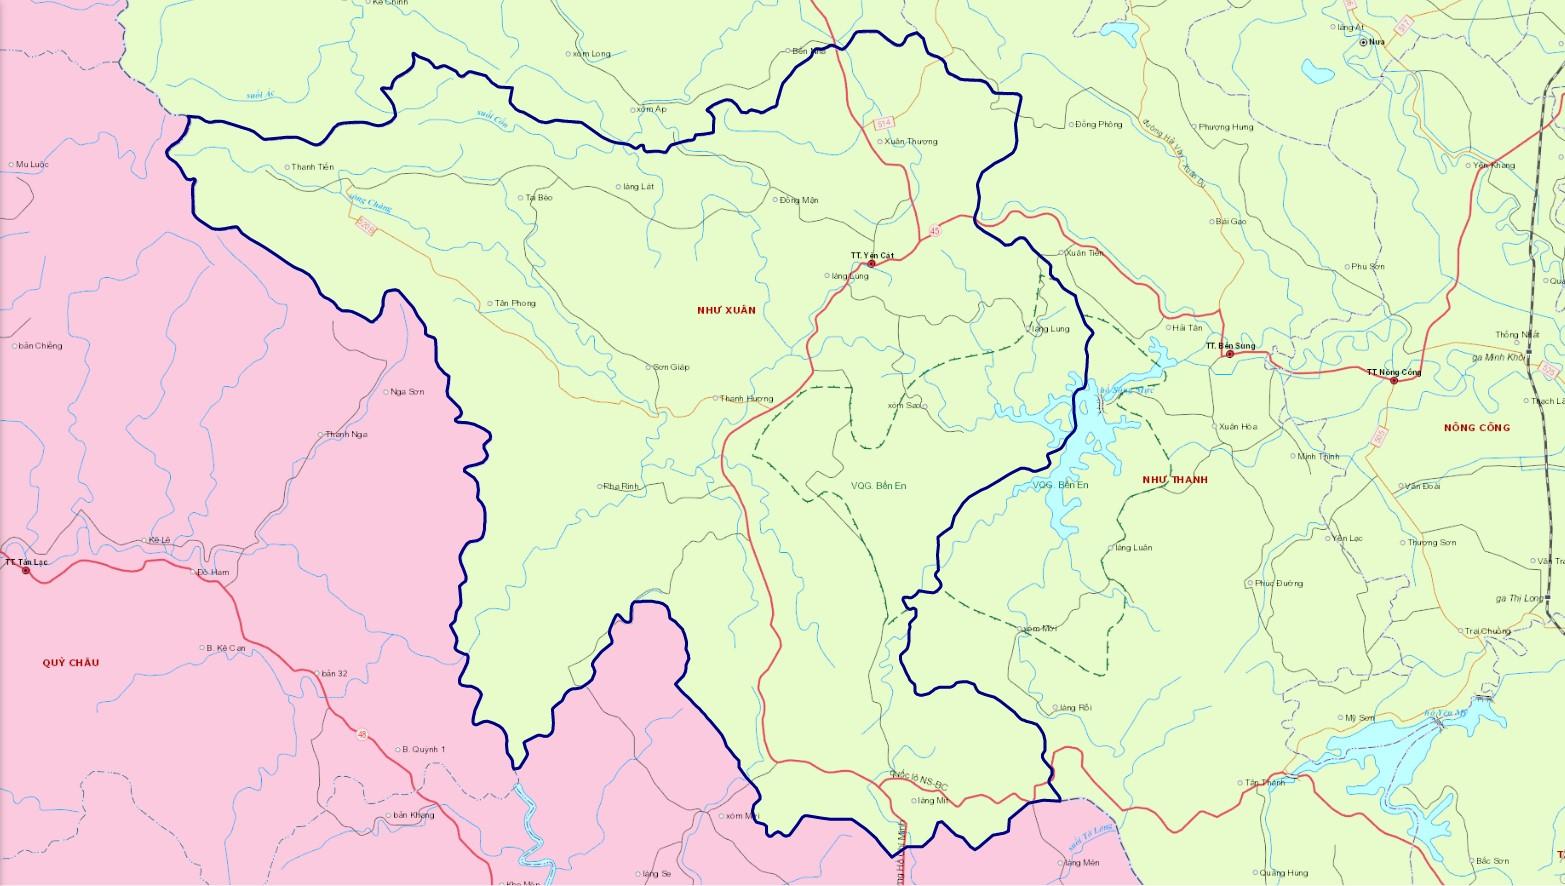 Bản đồ hành chính huyện Như Xuân